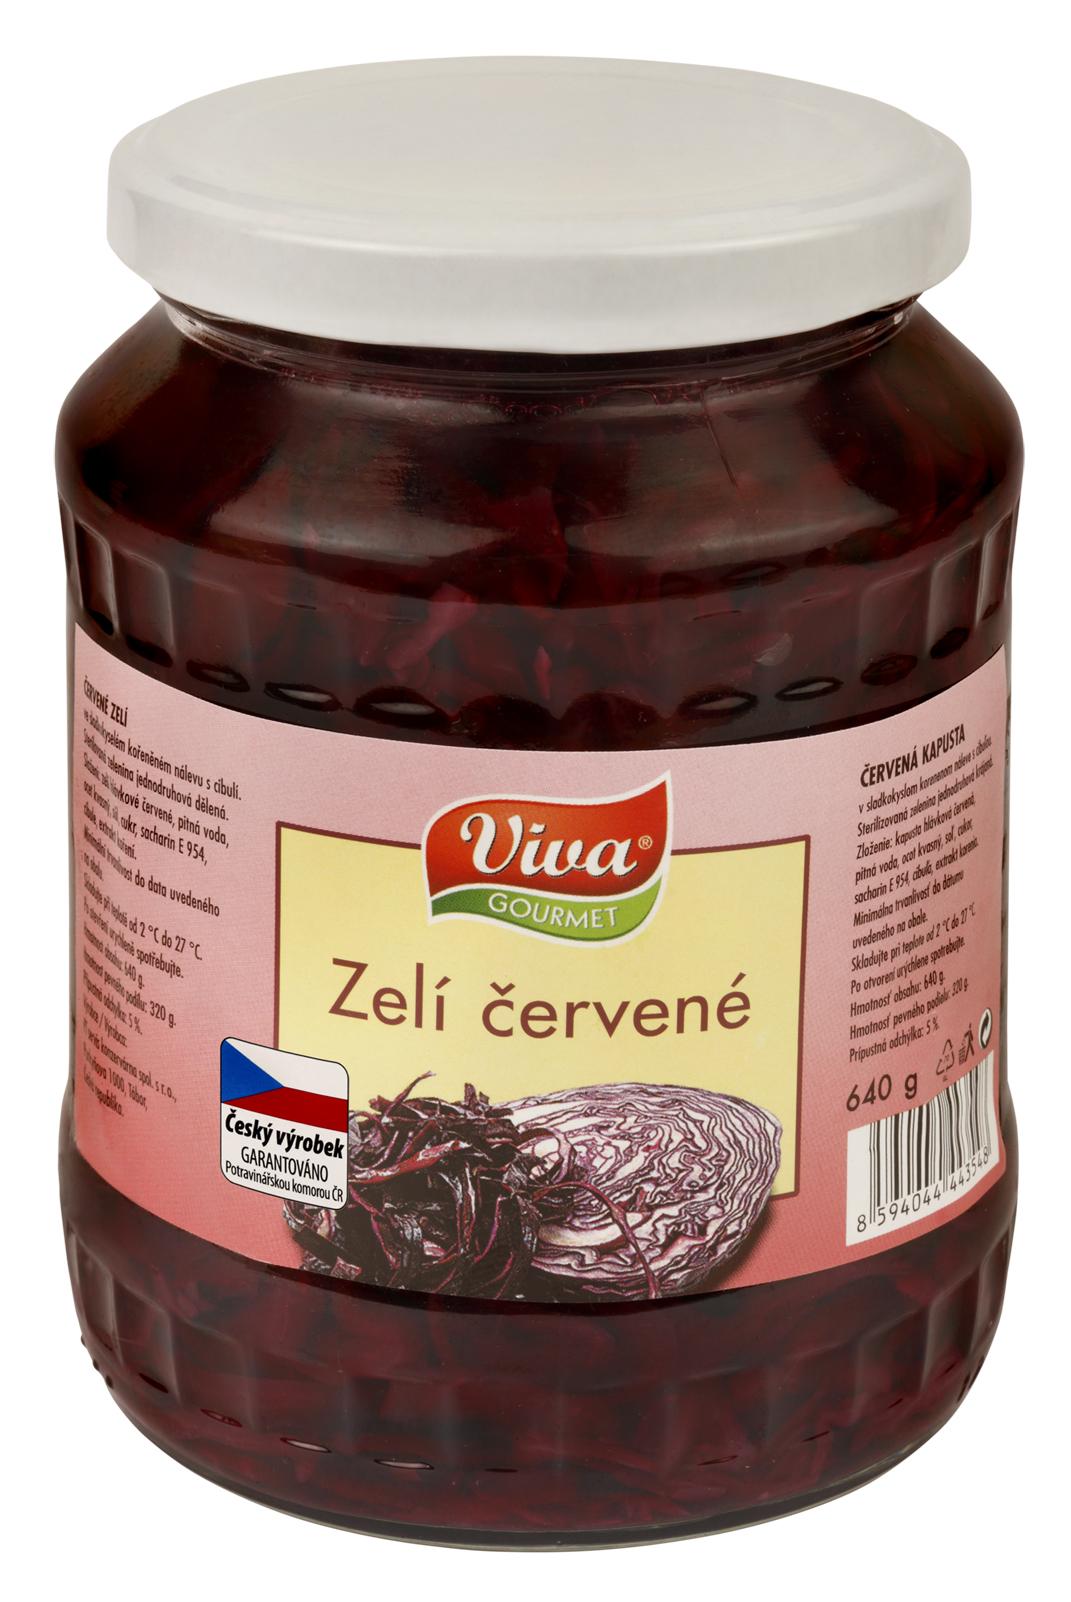 Značka Viva zelí červené_01